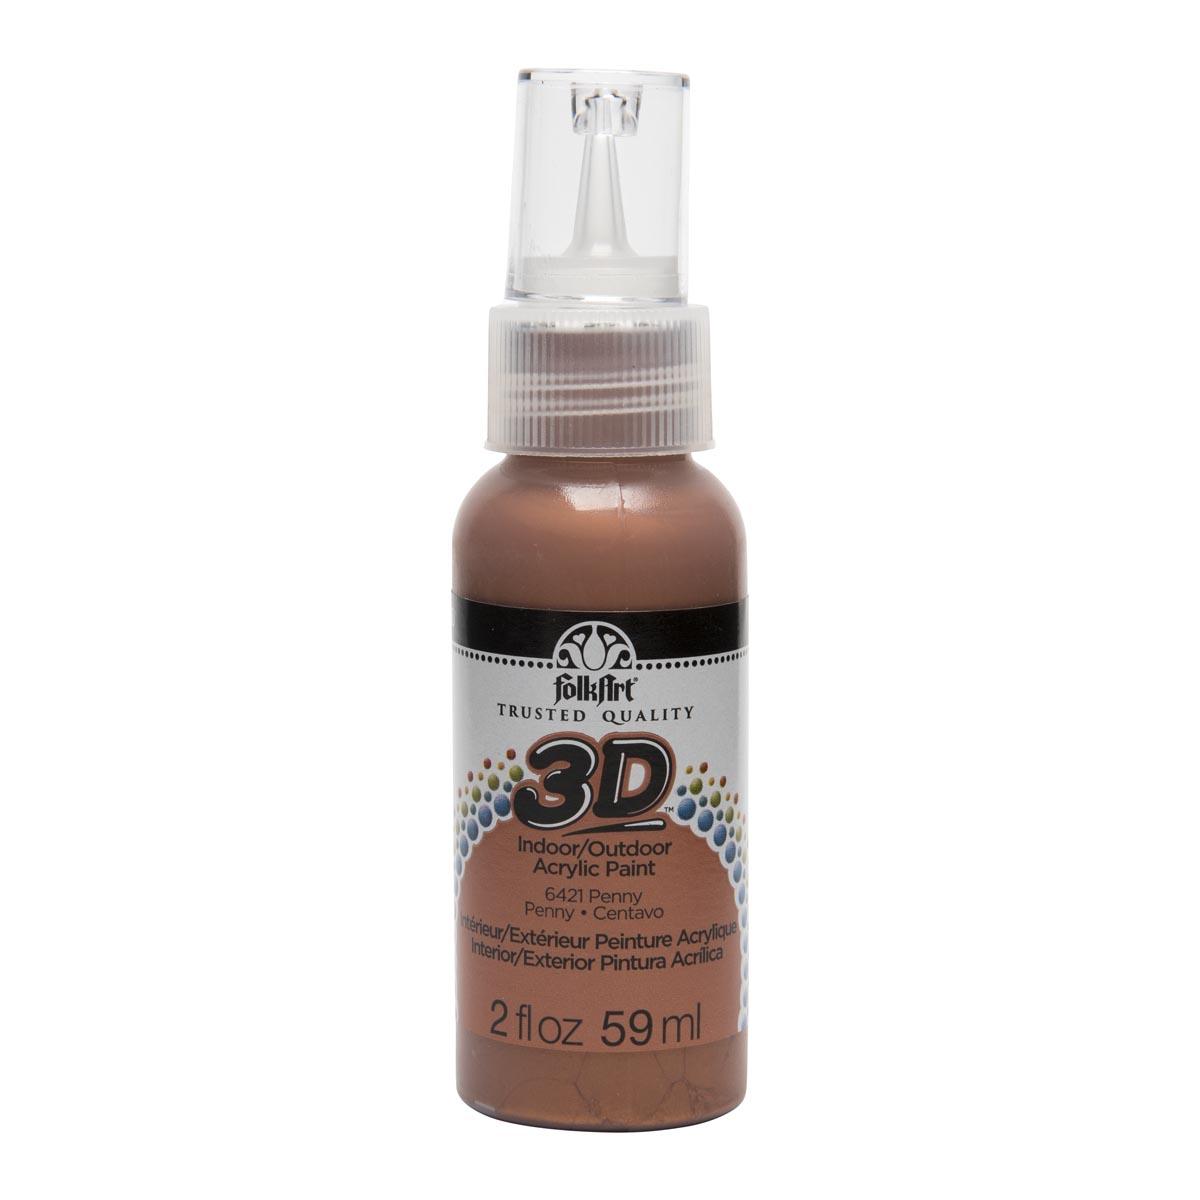 FolkArt ® 3D™ Acrylic Paint - Penny Metallic, 2 oz. - 6421